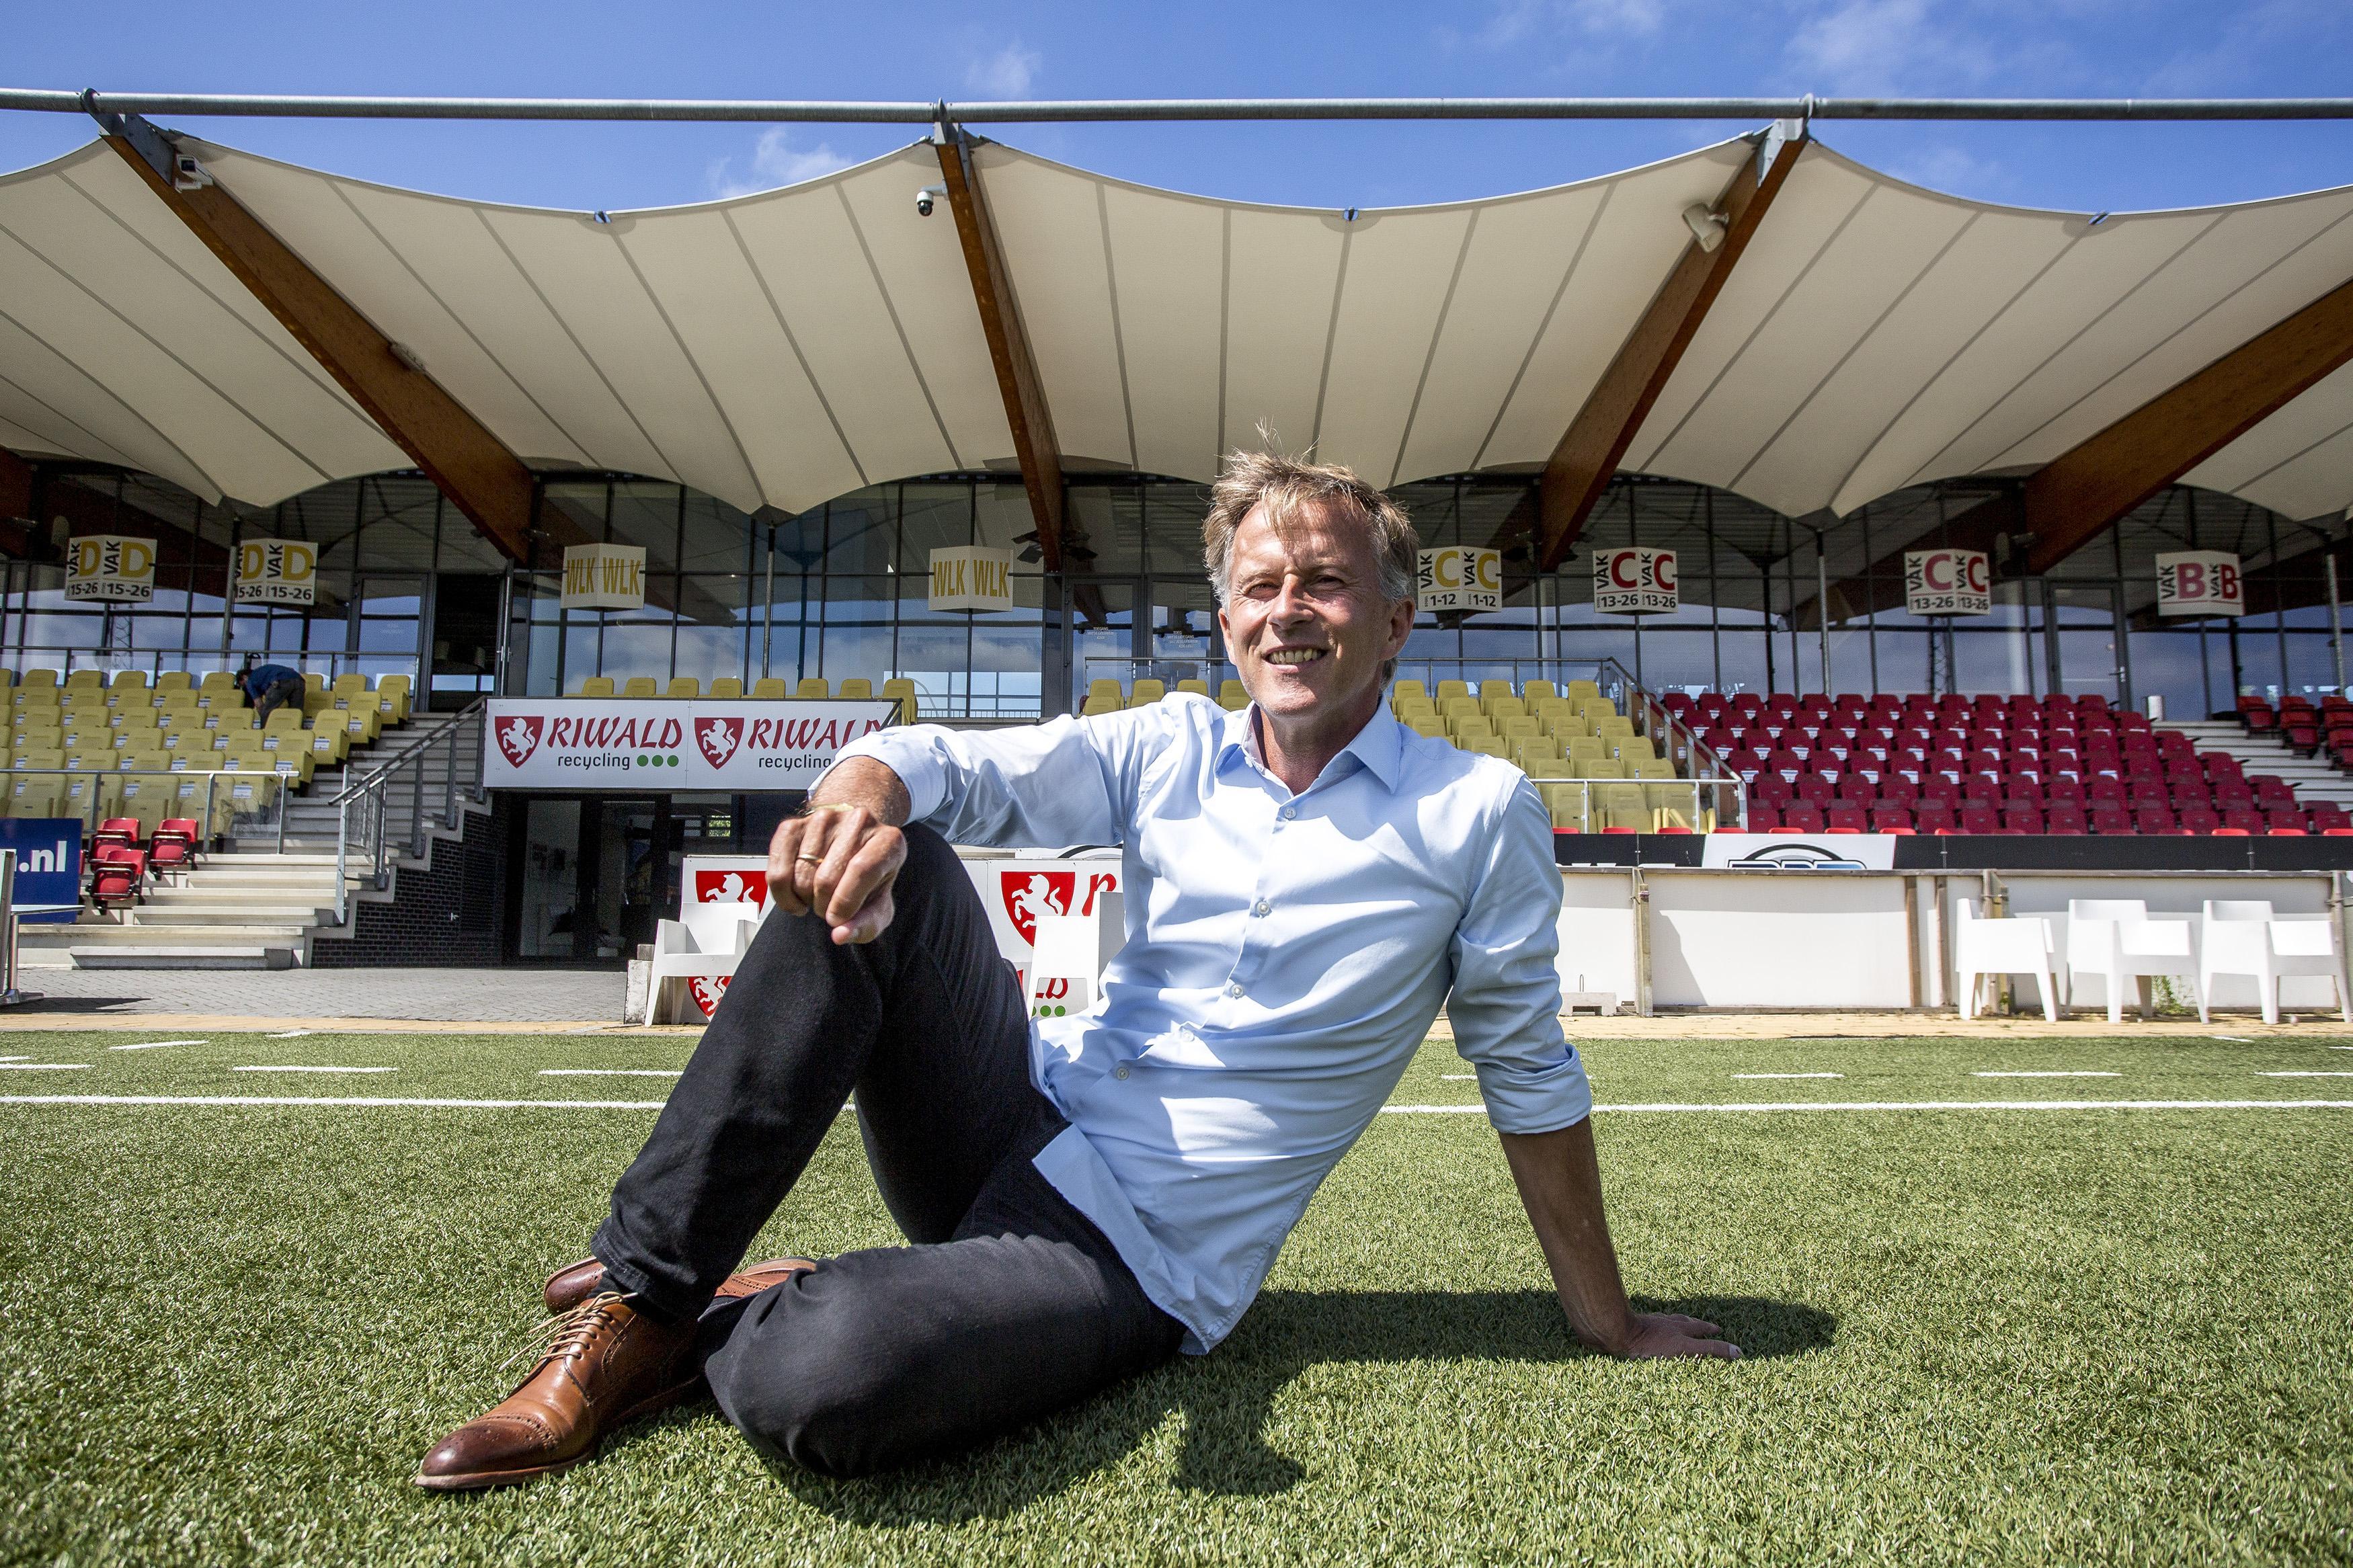 Nieuwe trainer Andries Jonker gelooft in plannen van Telstar: 'ik wil hier iets neerzetten'